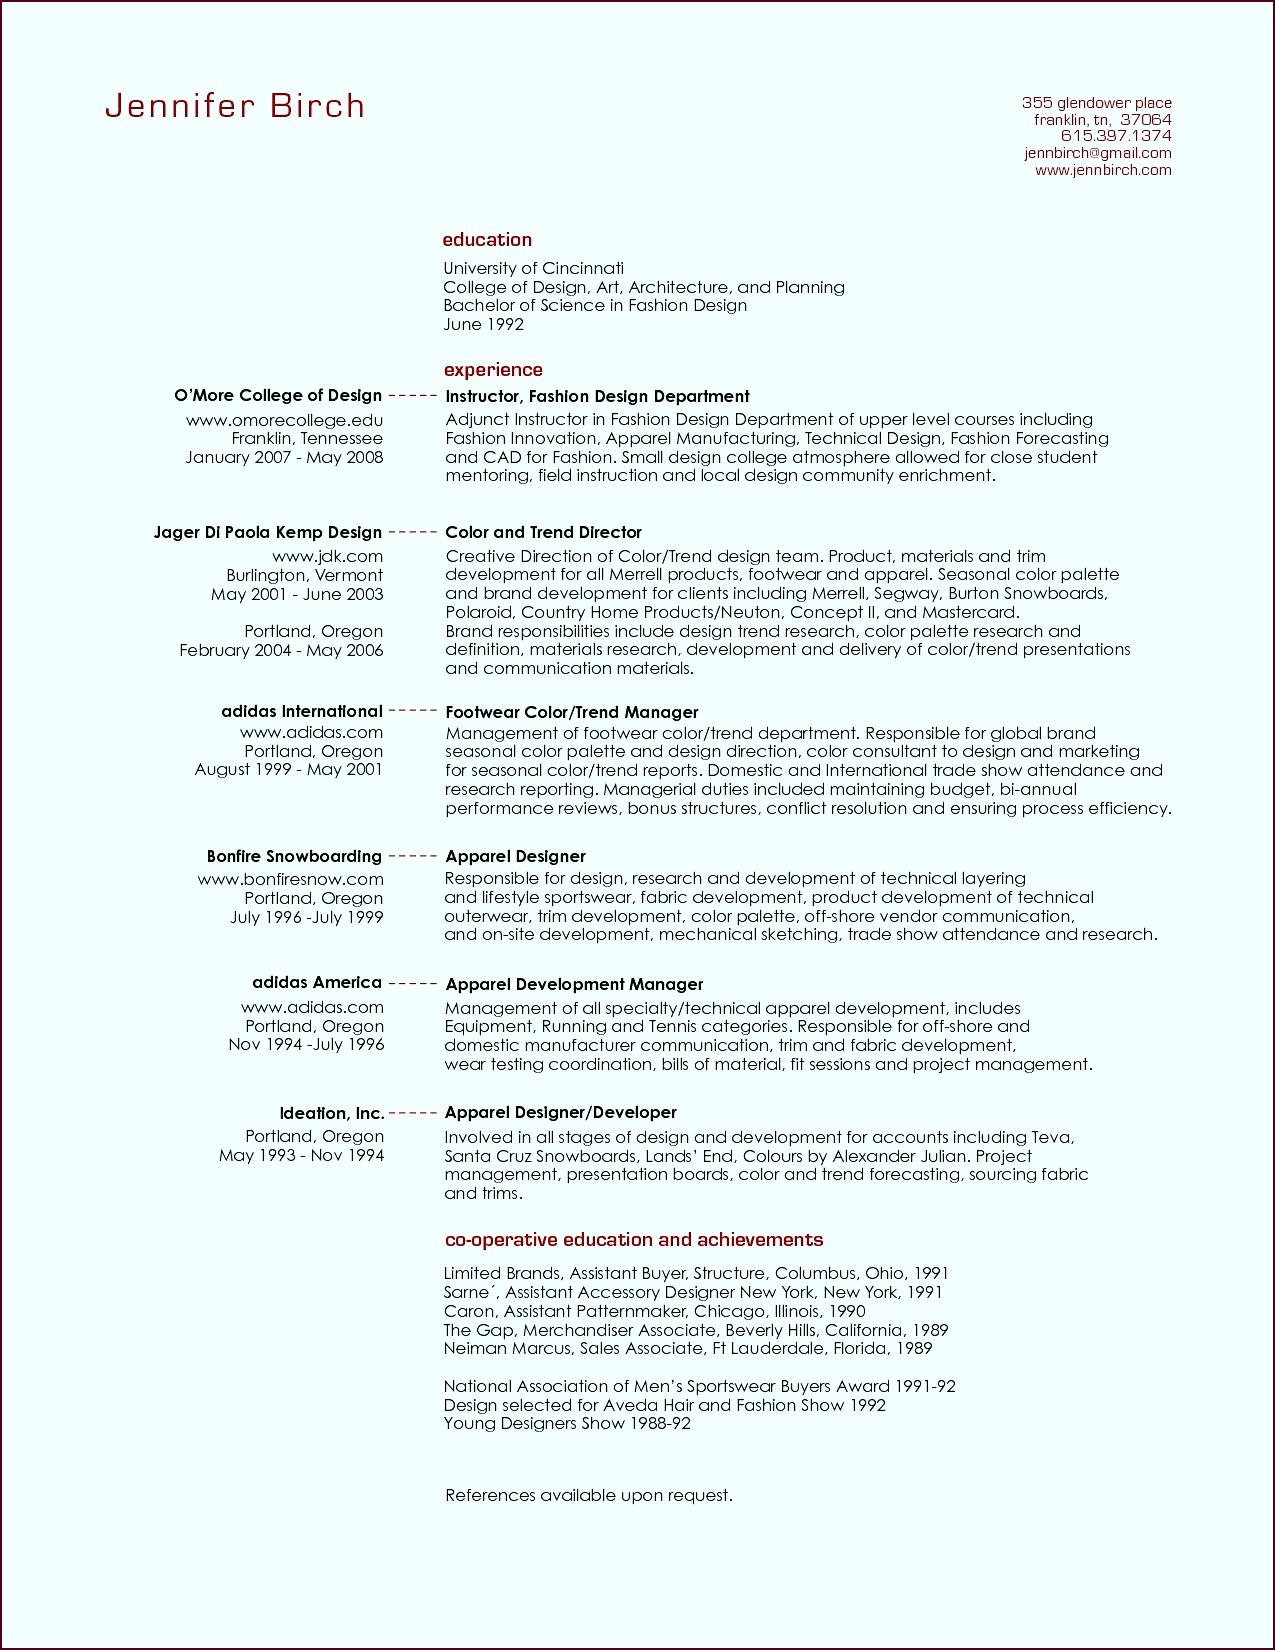 performance bonus letter template Collection-free donation letter template elegant sample business proposal letter template business template 0d e3159fe b db2b80 lovely free business newsletter 7p 20-q